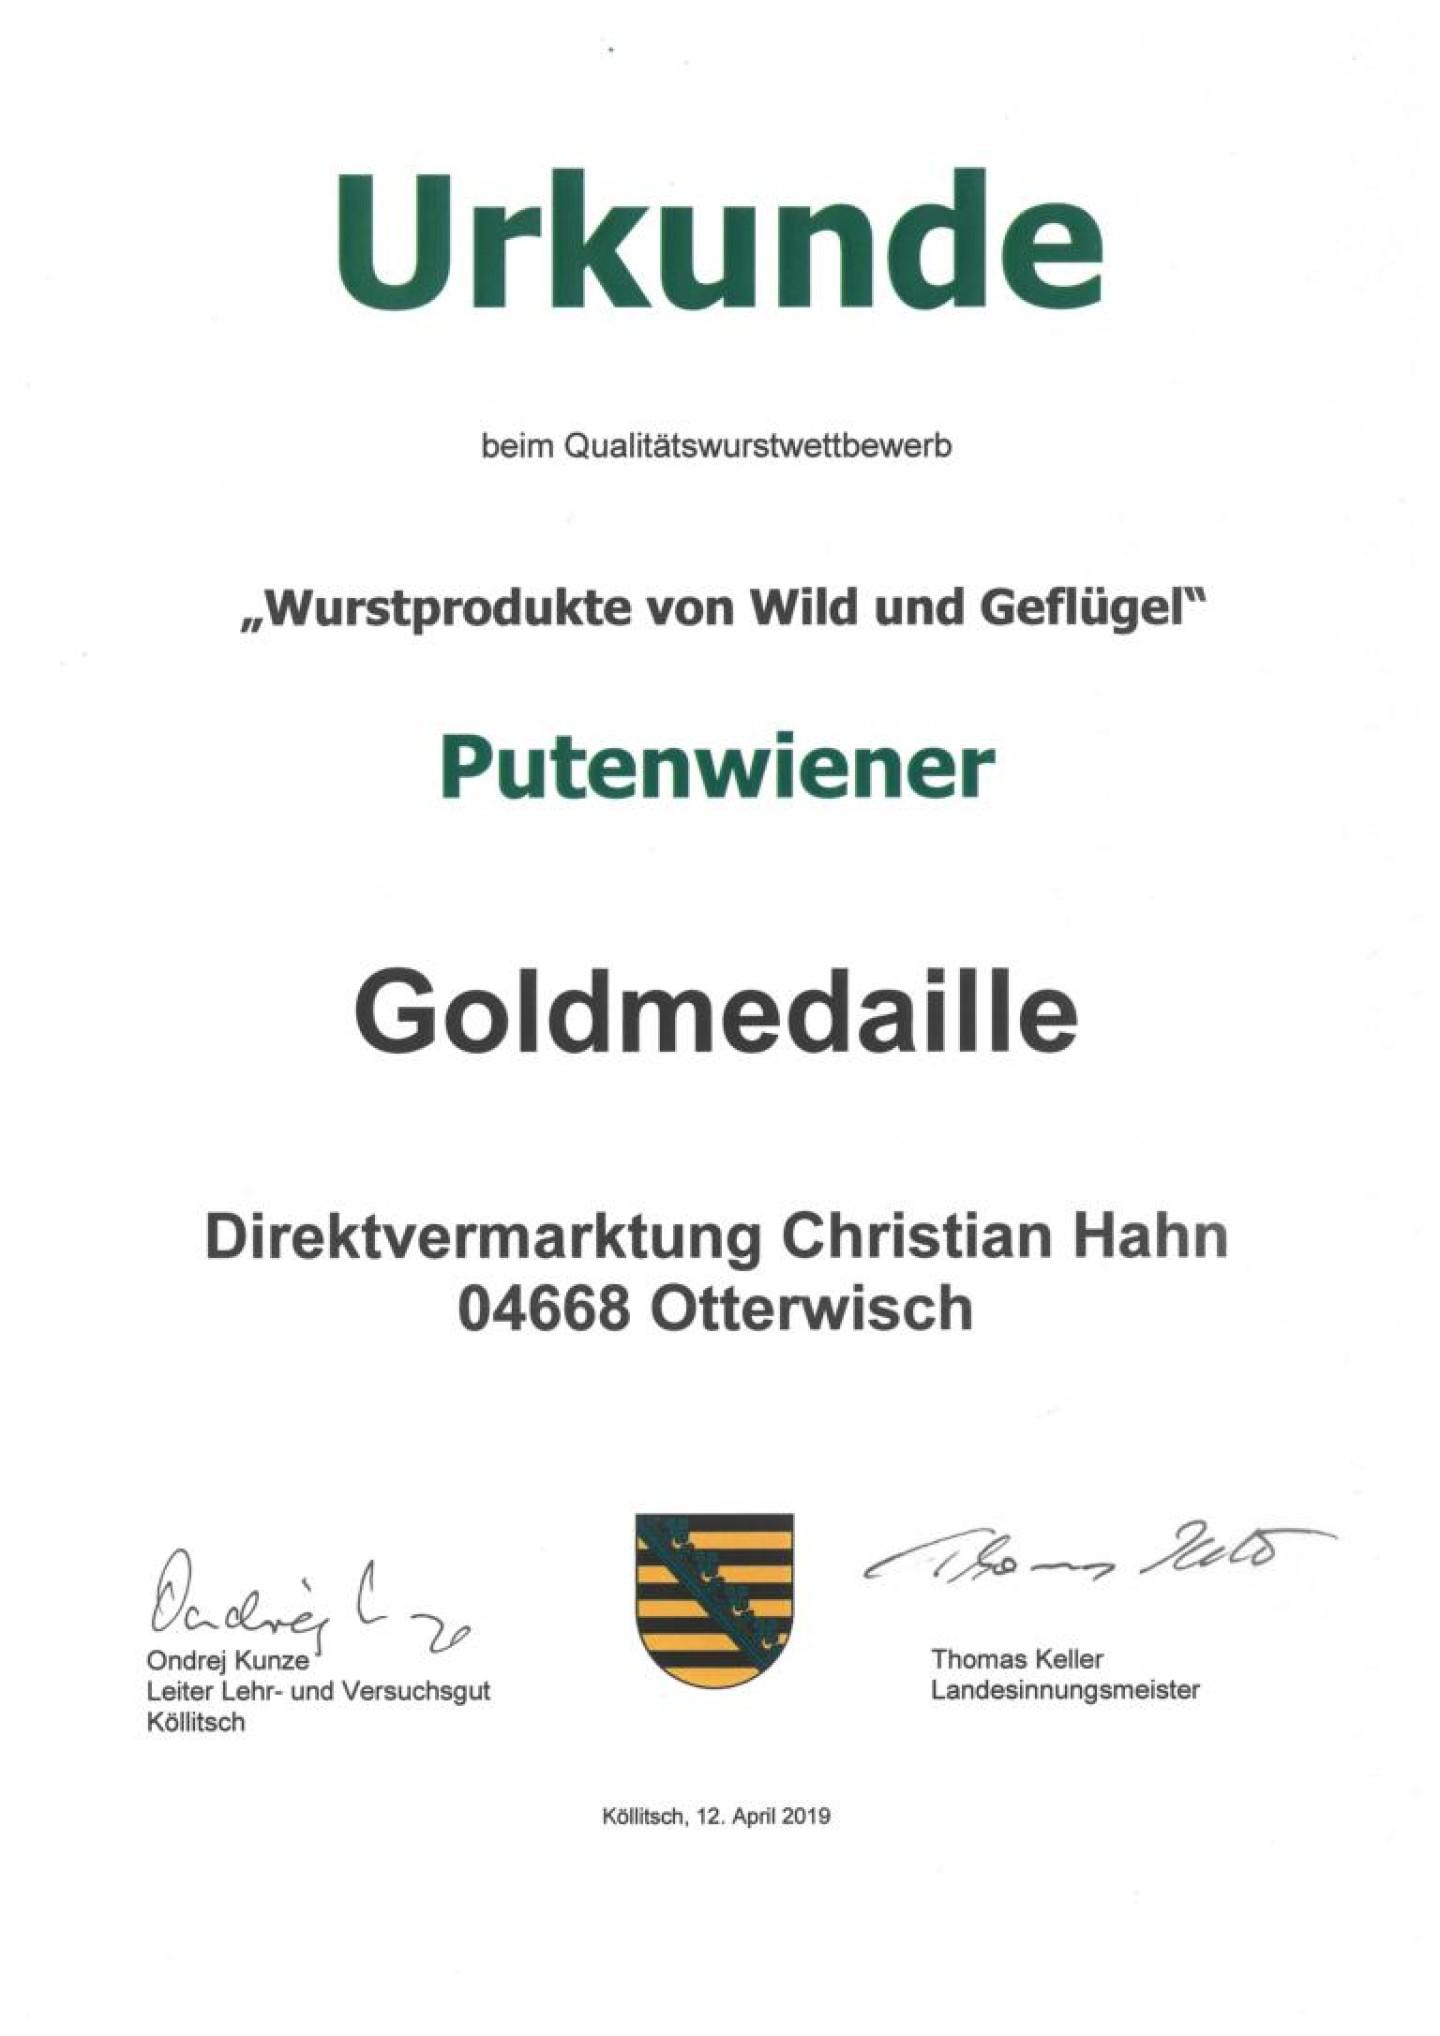 K1024_2019_Urkunde_Wurstprodukte_Wild_und_Gef.2